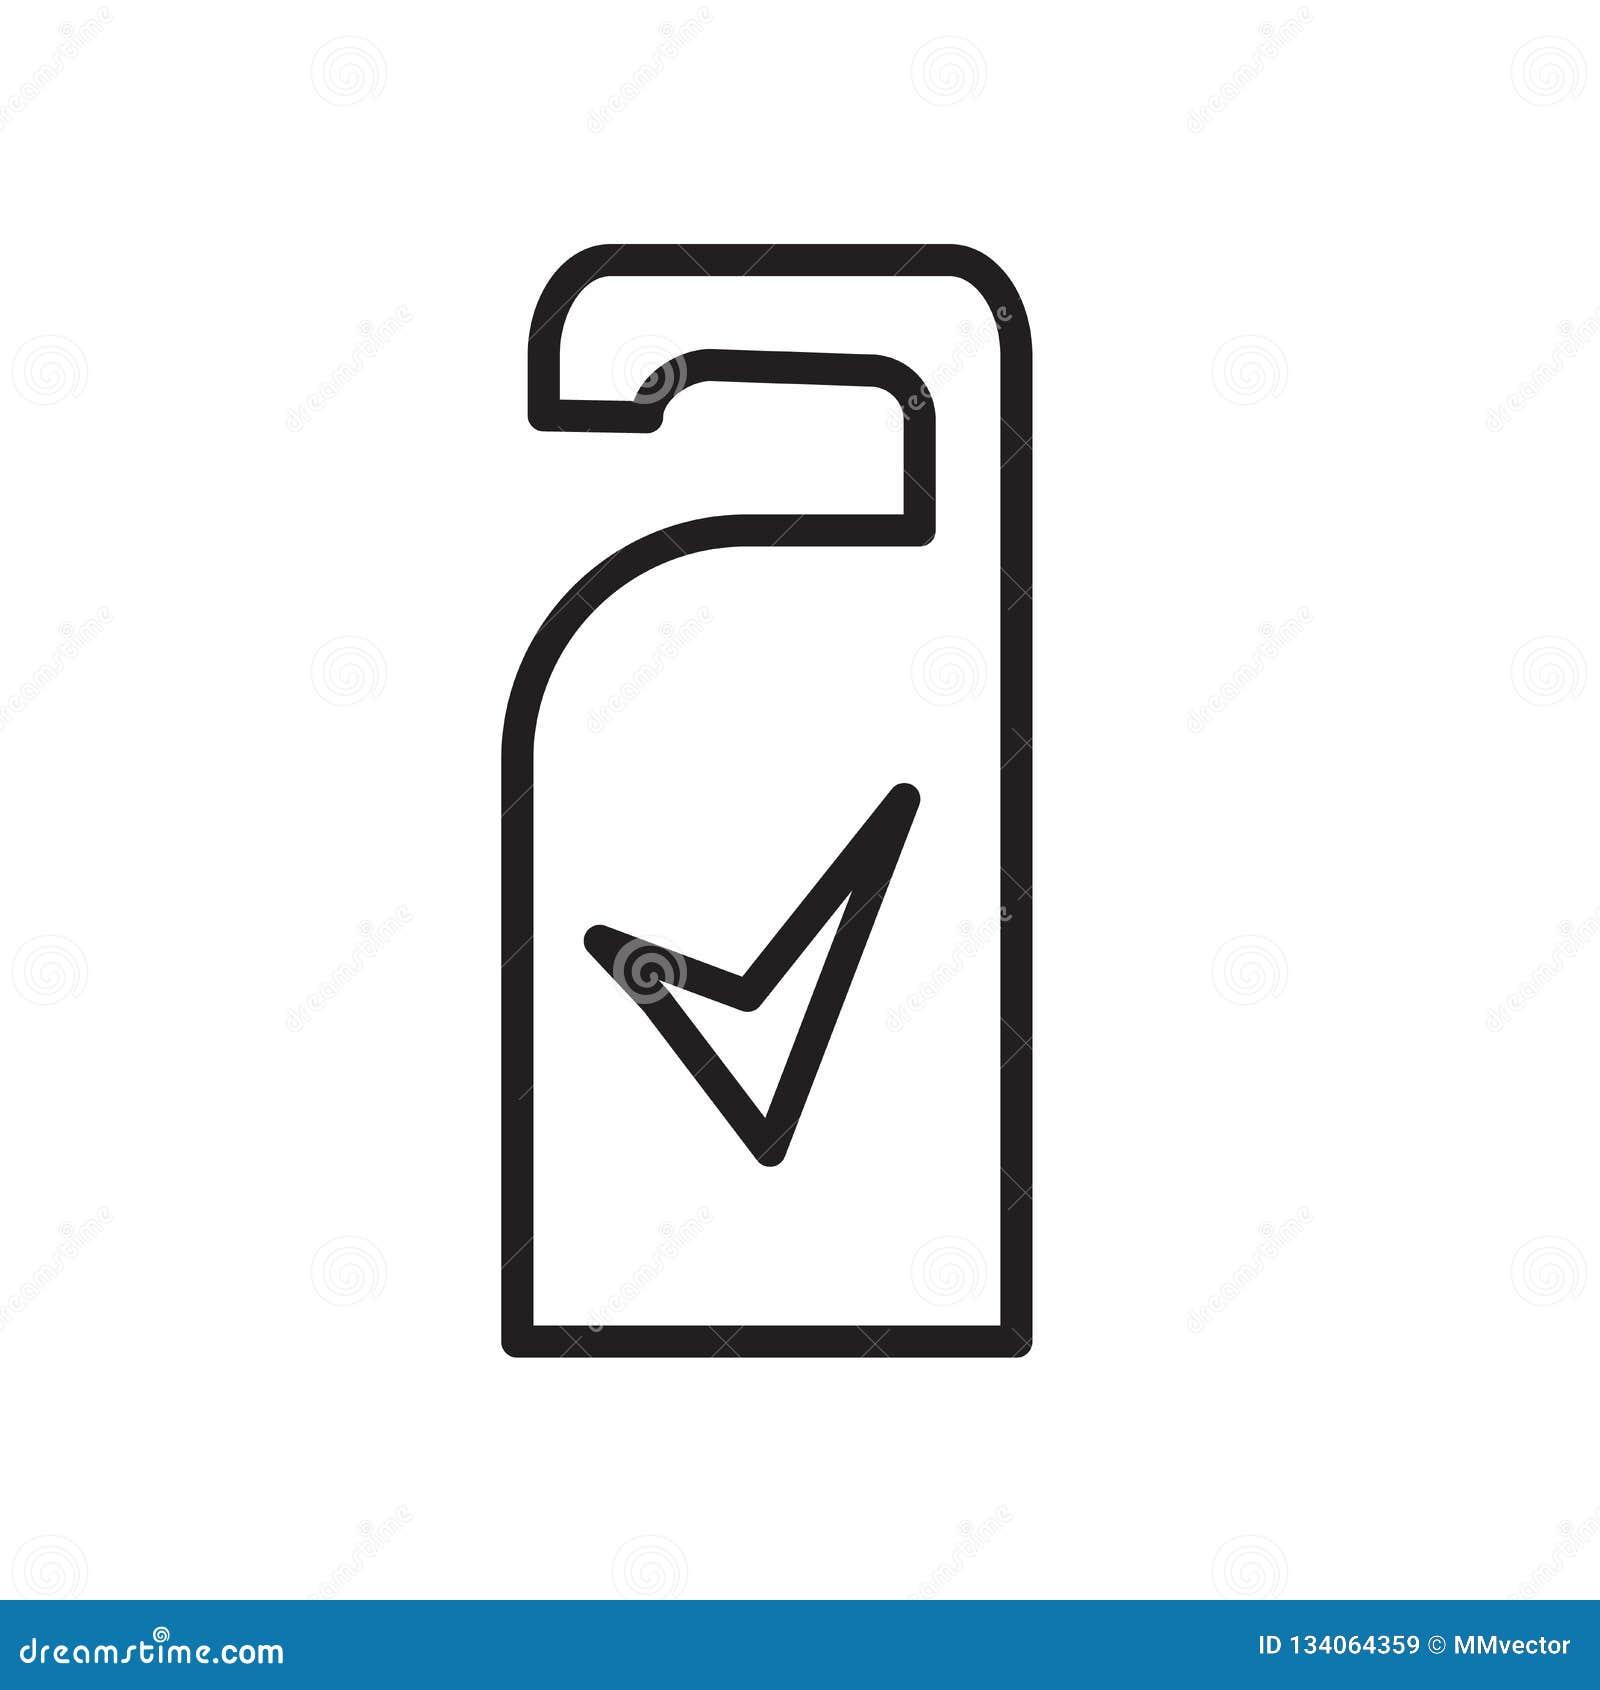 Vector del icono de la suspensión de puerta aislado en la muestra blanca del fondo, de la suspensión de puerta, el símbolo linear